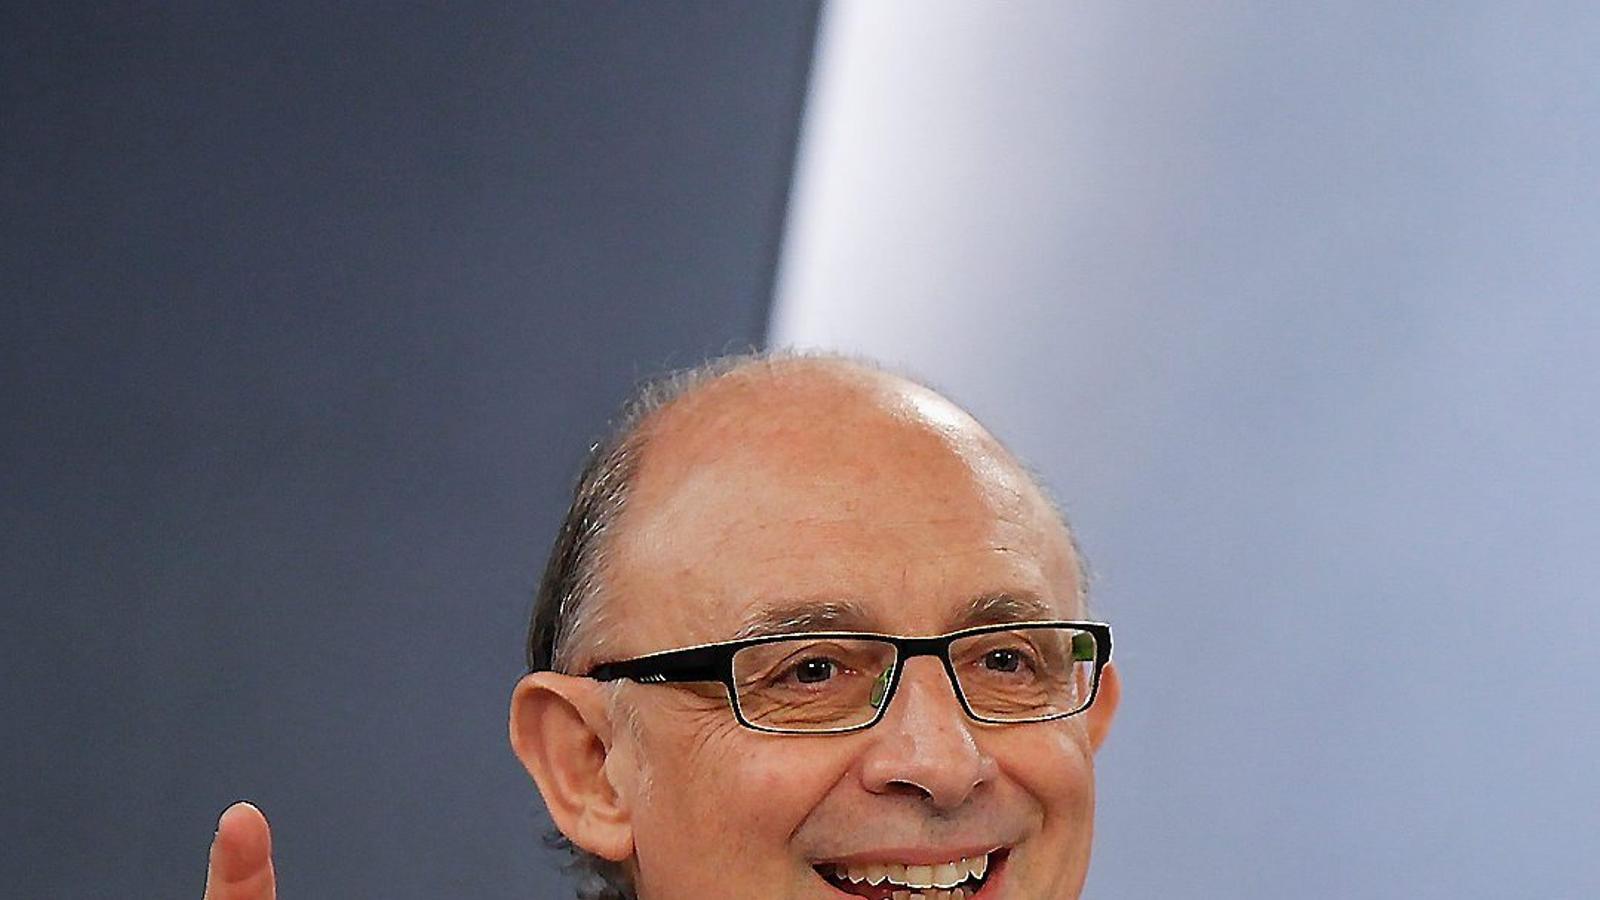 El ministre d'Hisenda, Cristóbal Montoro, ha pilotat els canvis en l'impost que han fet que la recaptació no remunti.